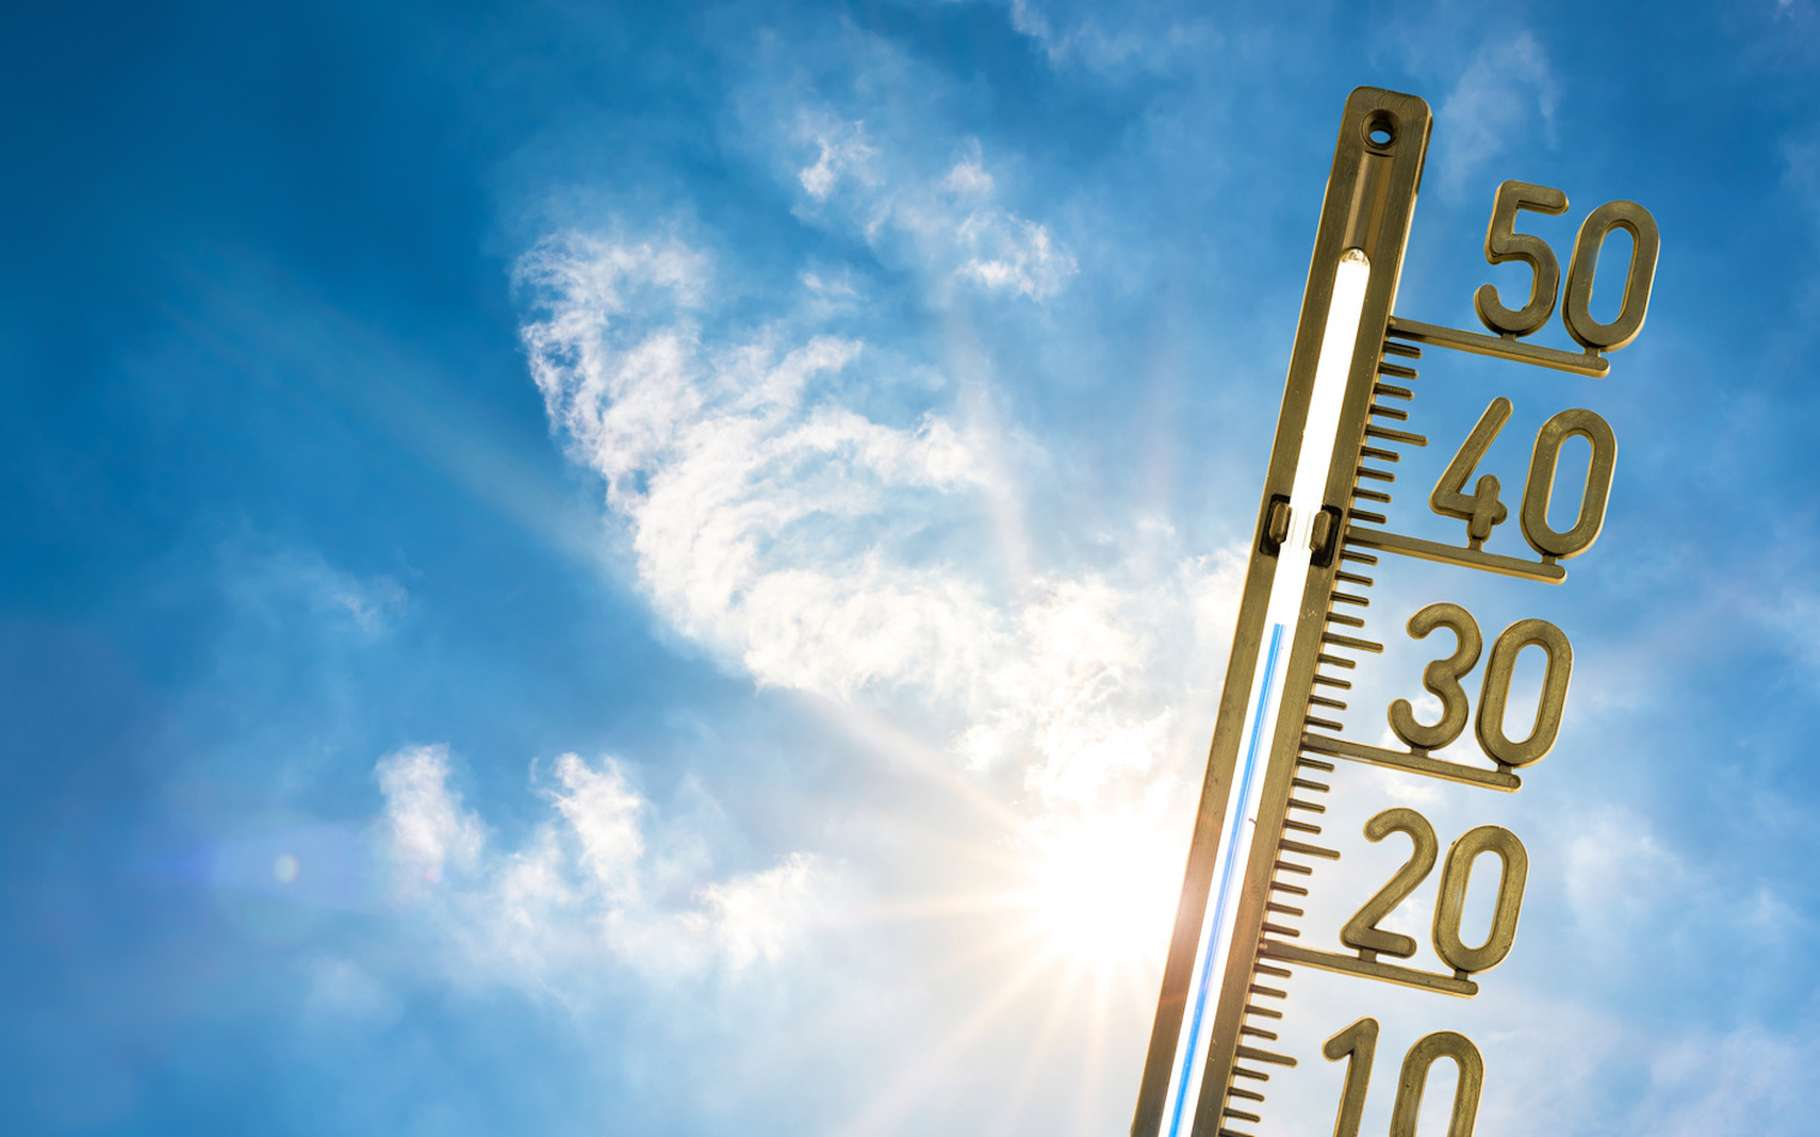 Les scientifiques avaient annoncé que le réchauffement climatique deviendrait d'abord la cause unique de phénomènes extrêmes liés à la chaleur. Un récent rapport leur donne raison. © John Smith, Fotolia